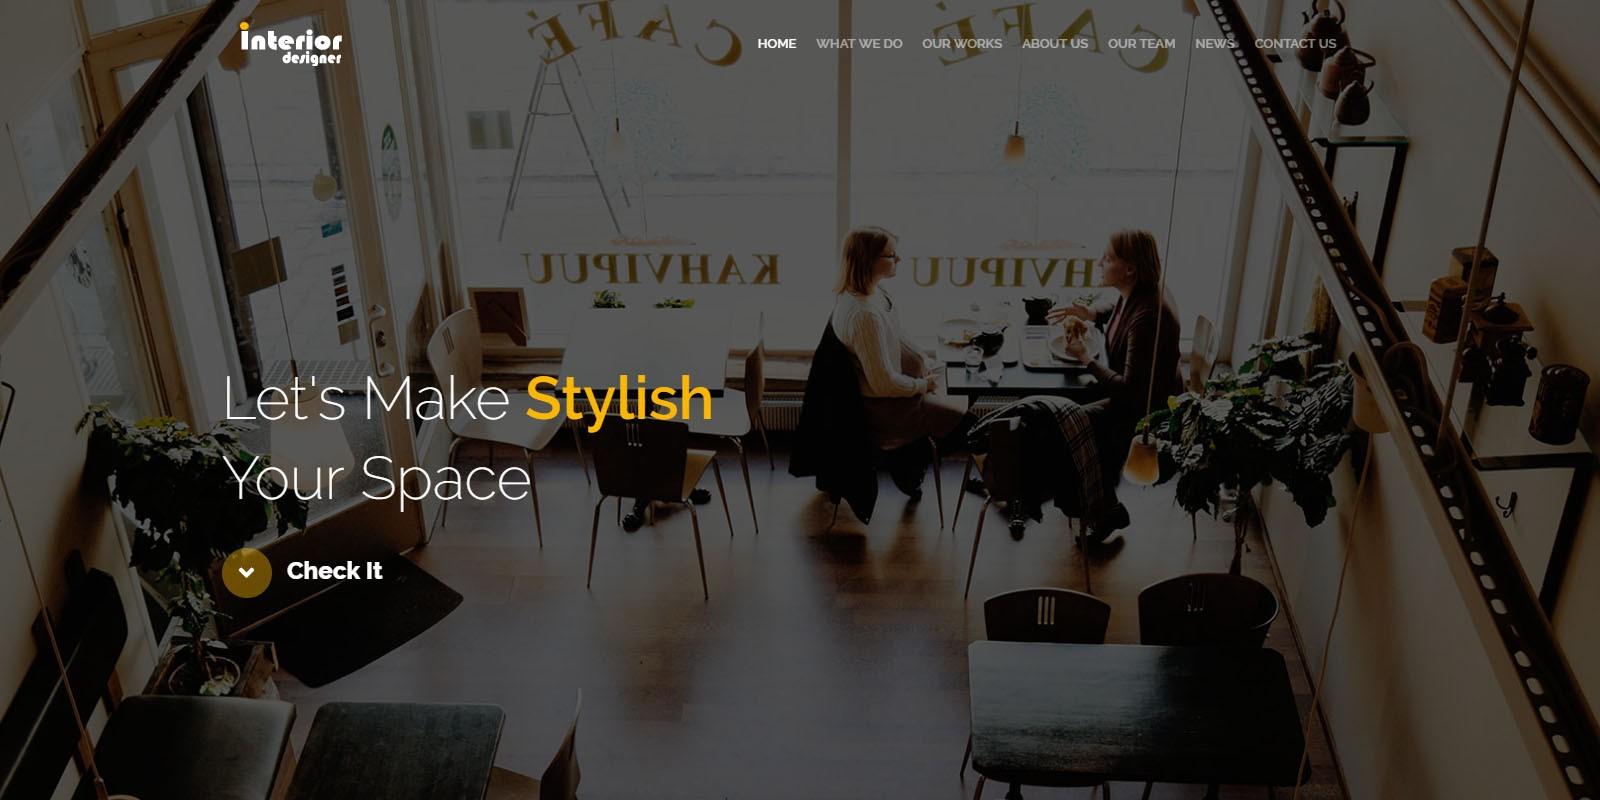 Interior Designer - Portfolio HTML Template